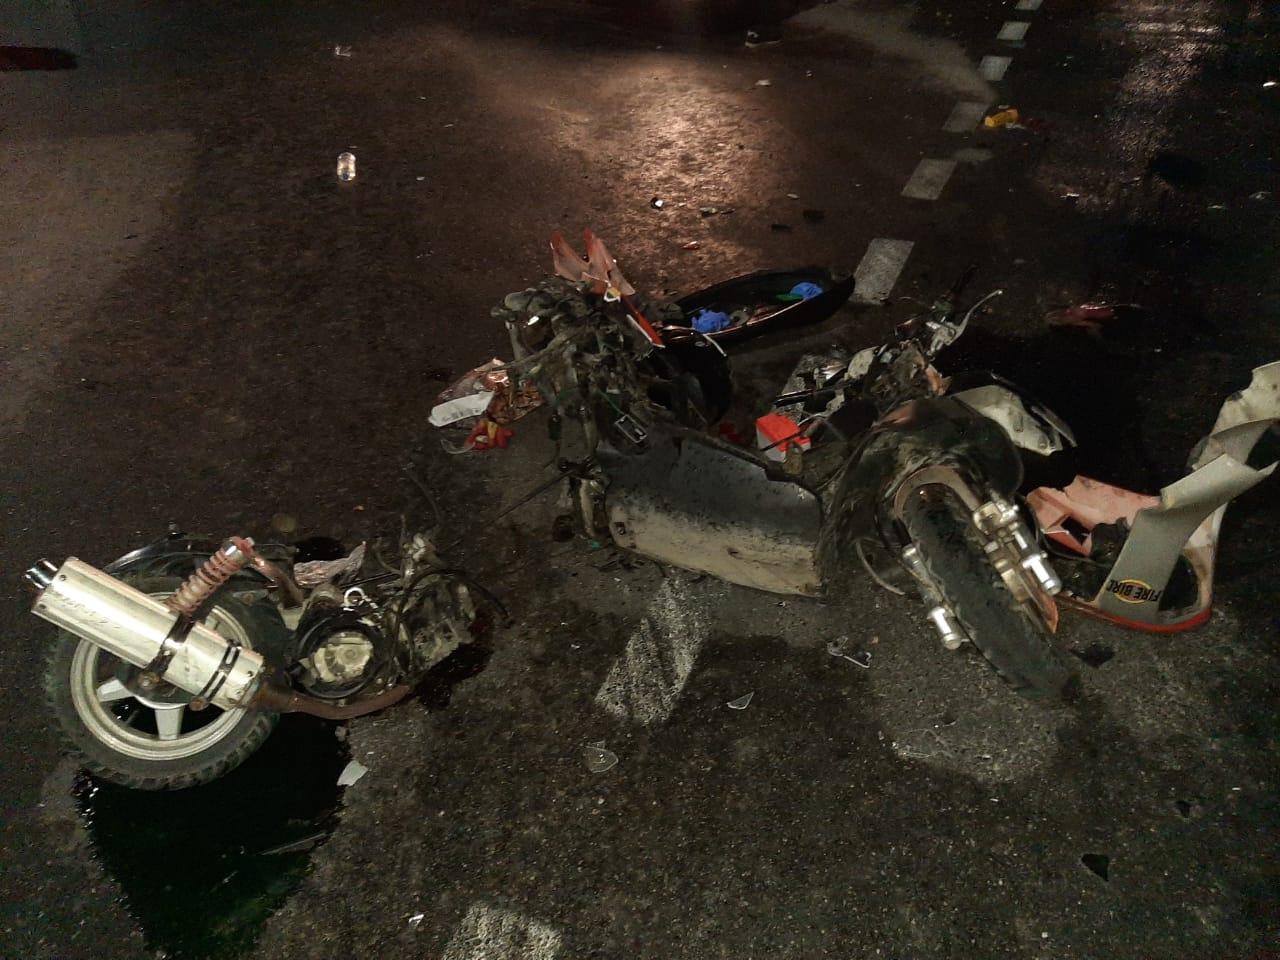 В Новороссийске водитель мотоцикла сбил водителя мопеда. Мопедист погиб